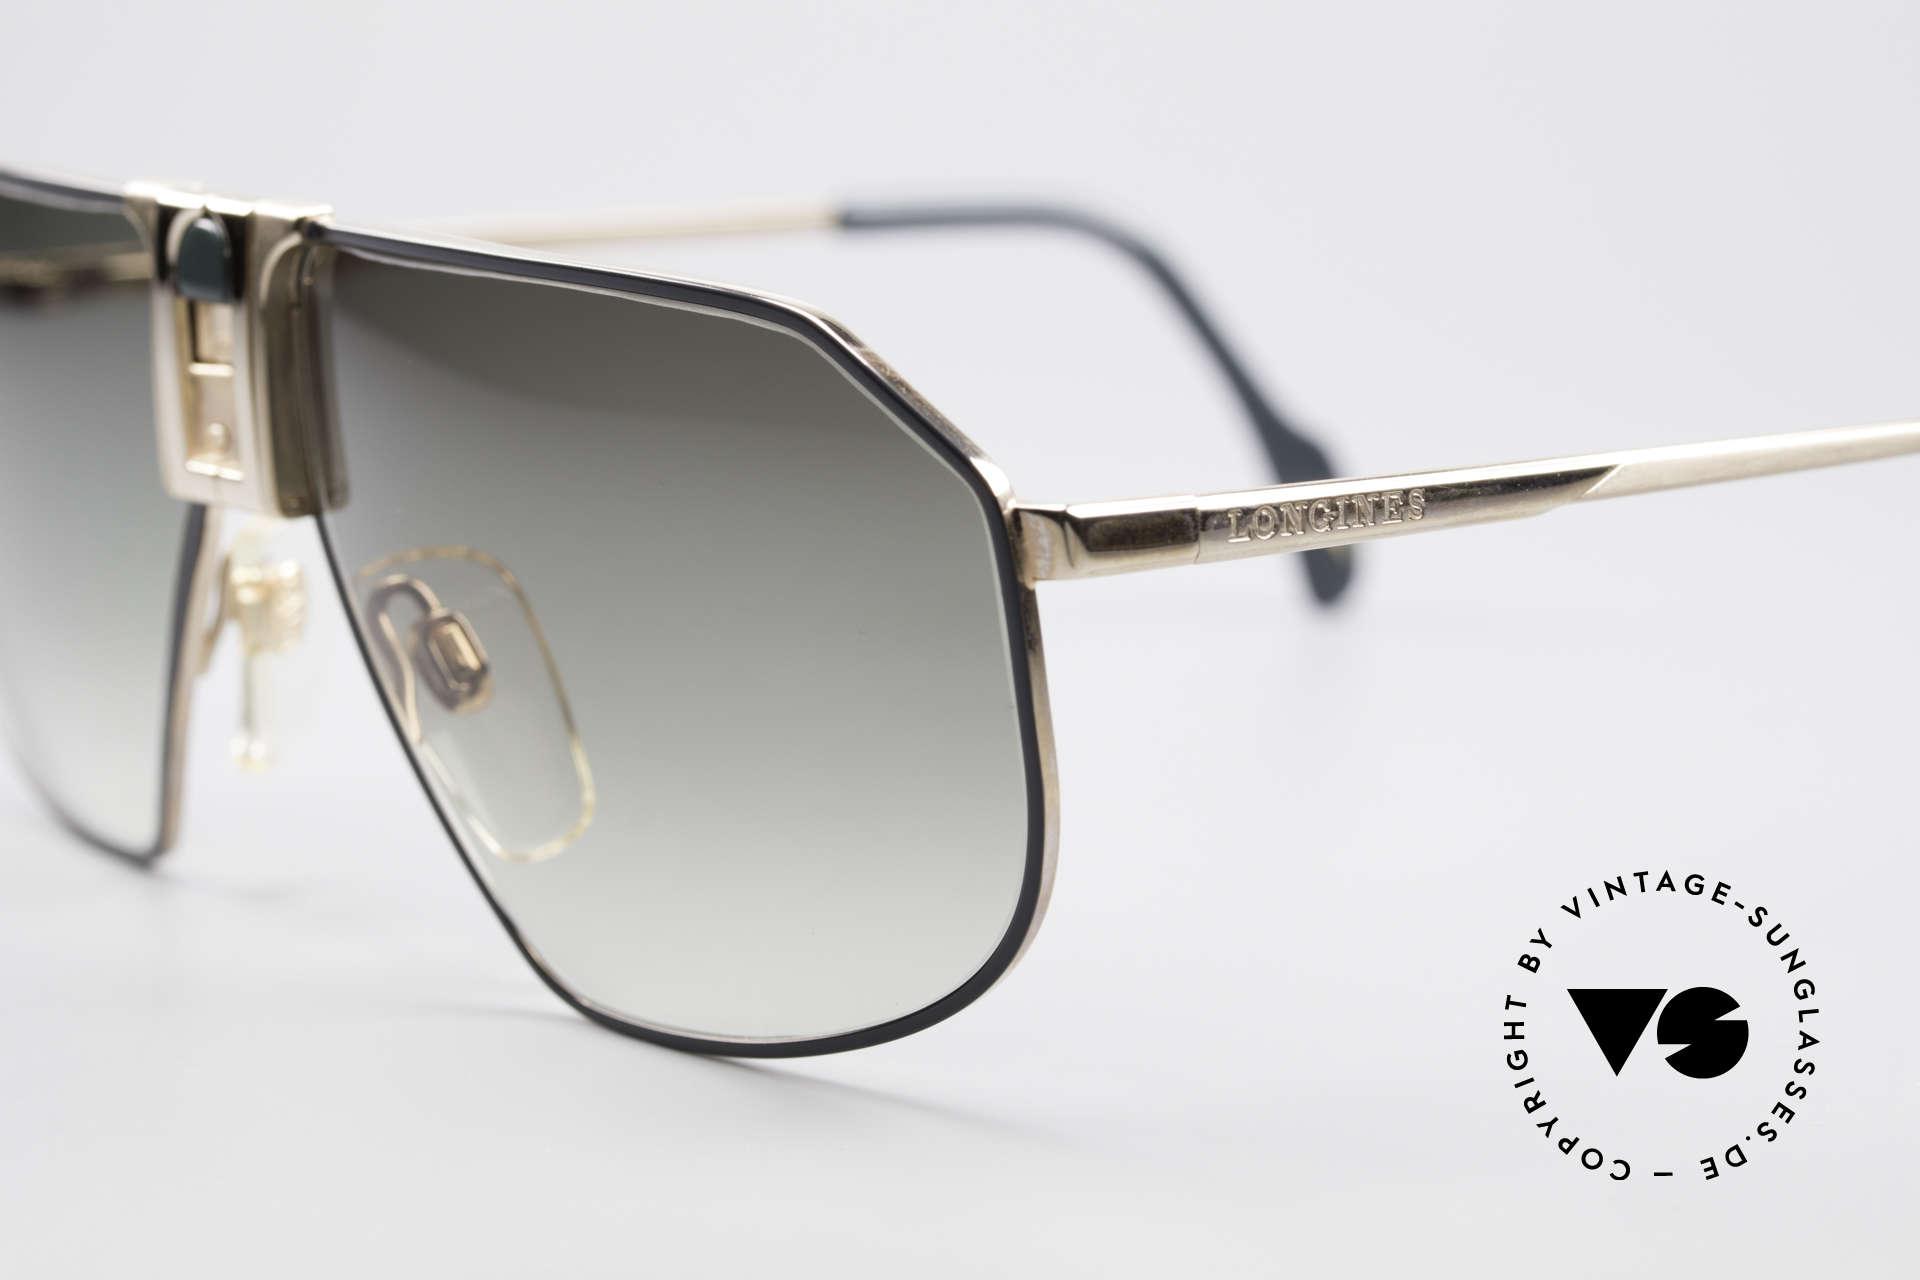 Longines 0153 No Retro Vintage Herrenbrille, Premium-Qualität und markant (mal 'was anderes'), Passend für Herren